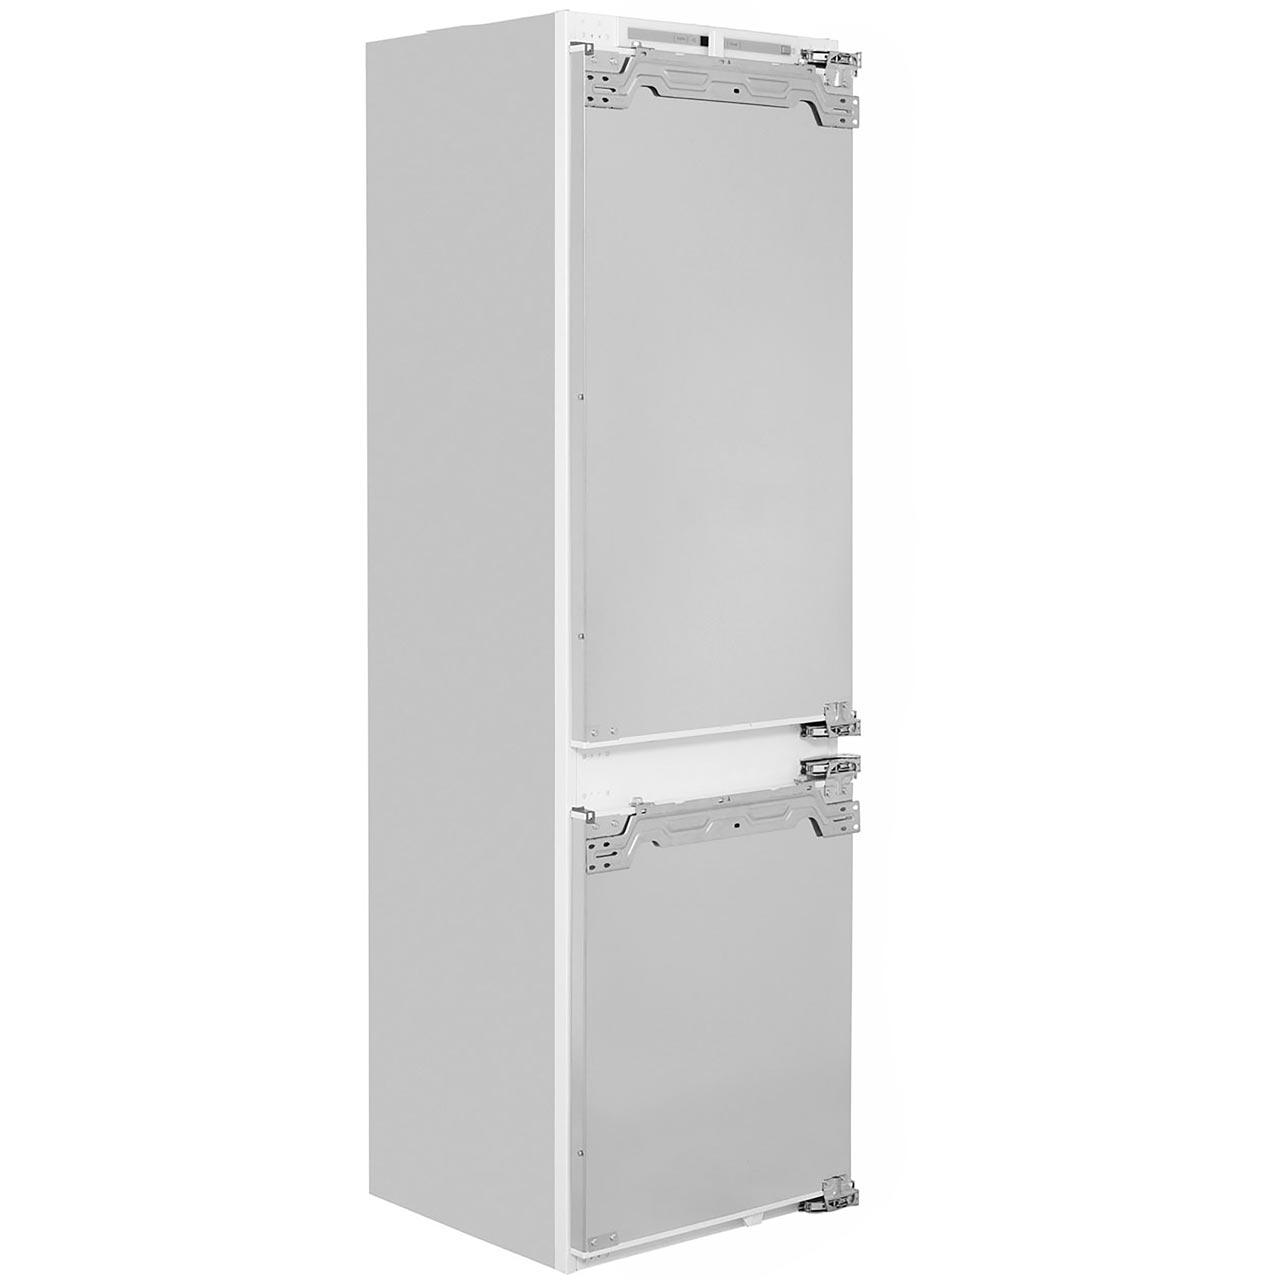 ki7862f30g wh neff fridge freezer ao com rh ao com